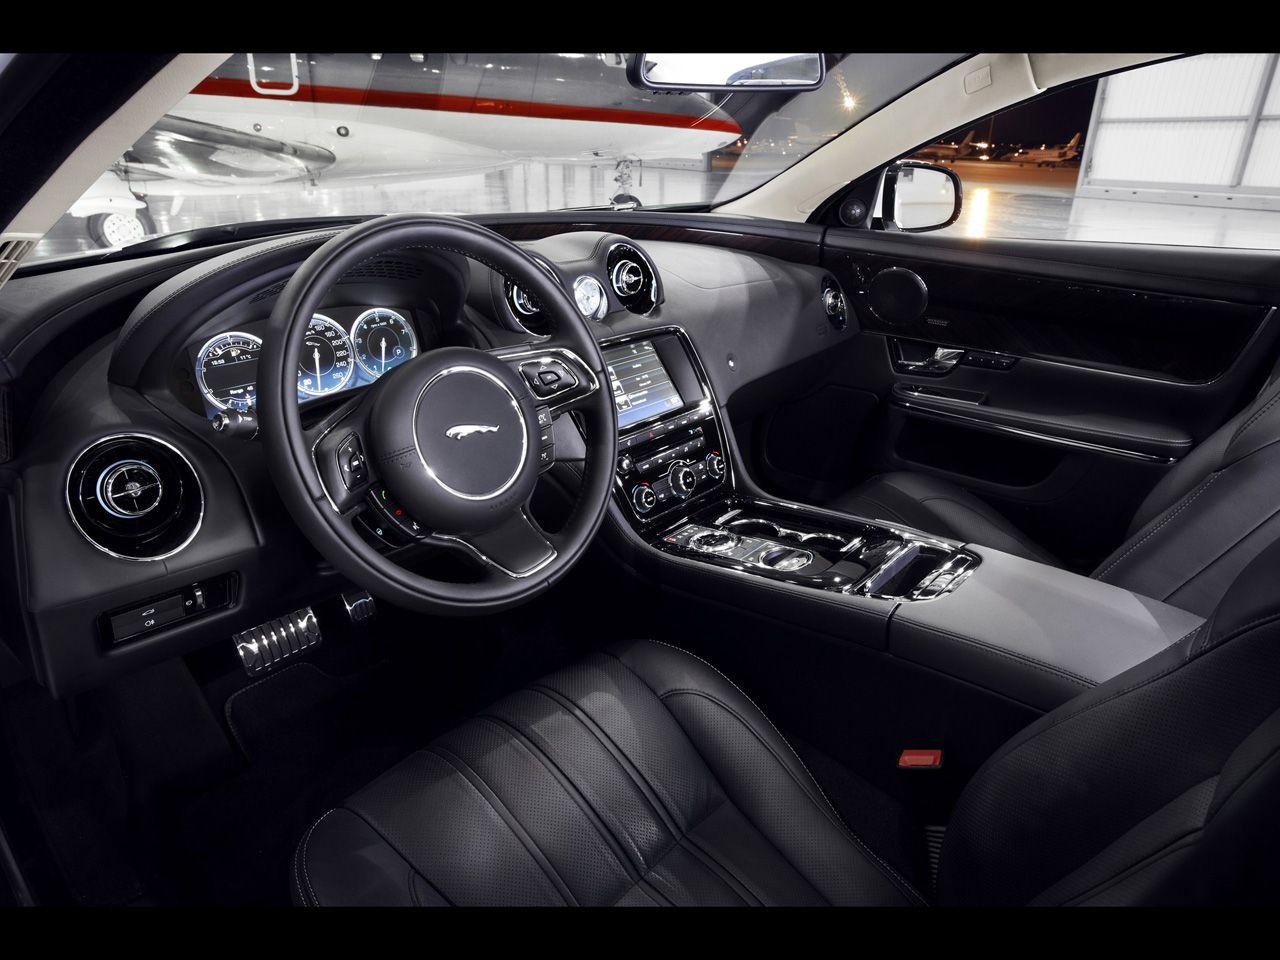 2012 Jaguar Xj Ultimate Interior 4 1280x960 Wallpaper Jaguar Xj Jaguar Jaguar Xjl